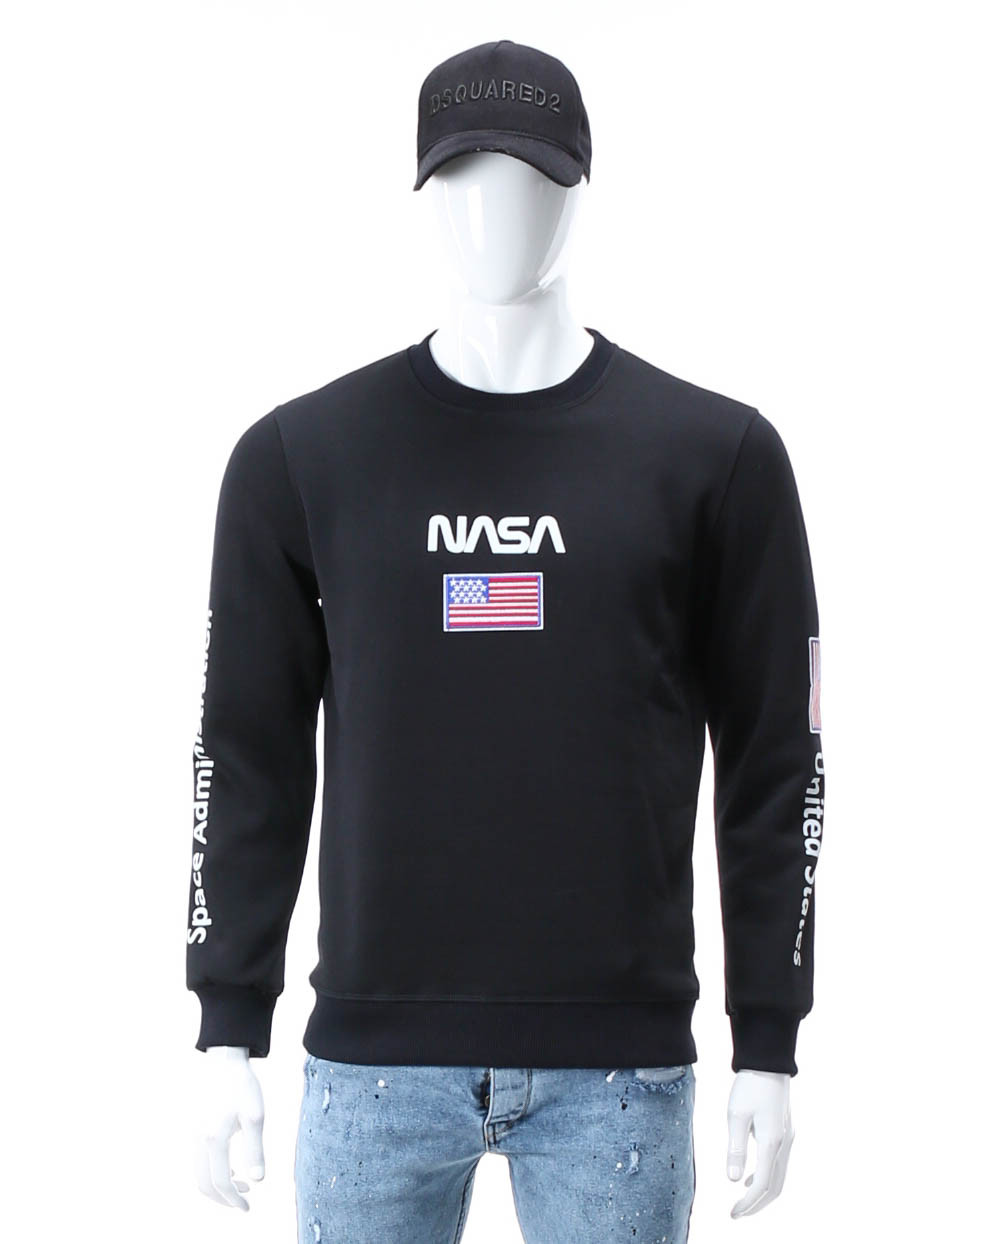 Свитшот осень-зима т синий NASA №5 патч, рис на рукавах DBLU M(Р) 20-522-003-003